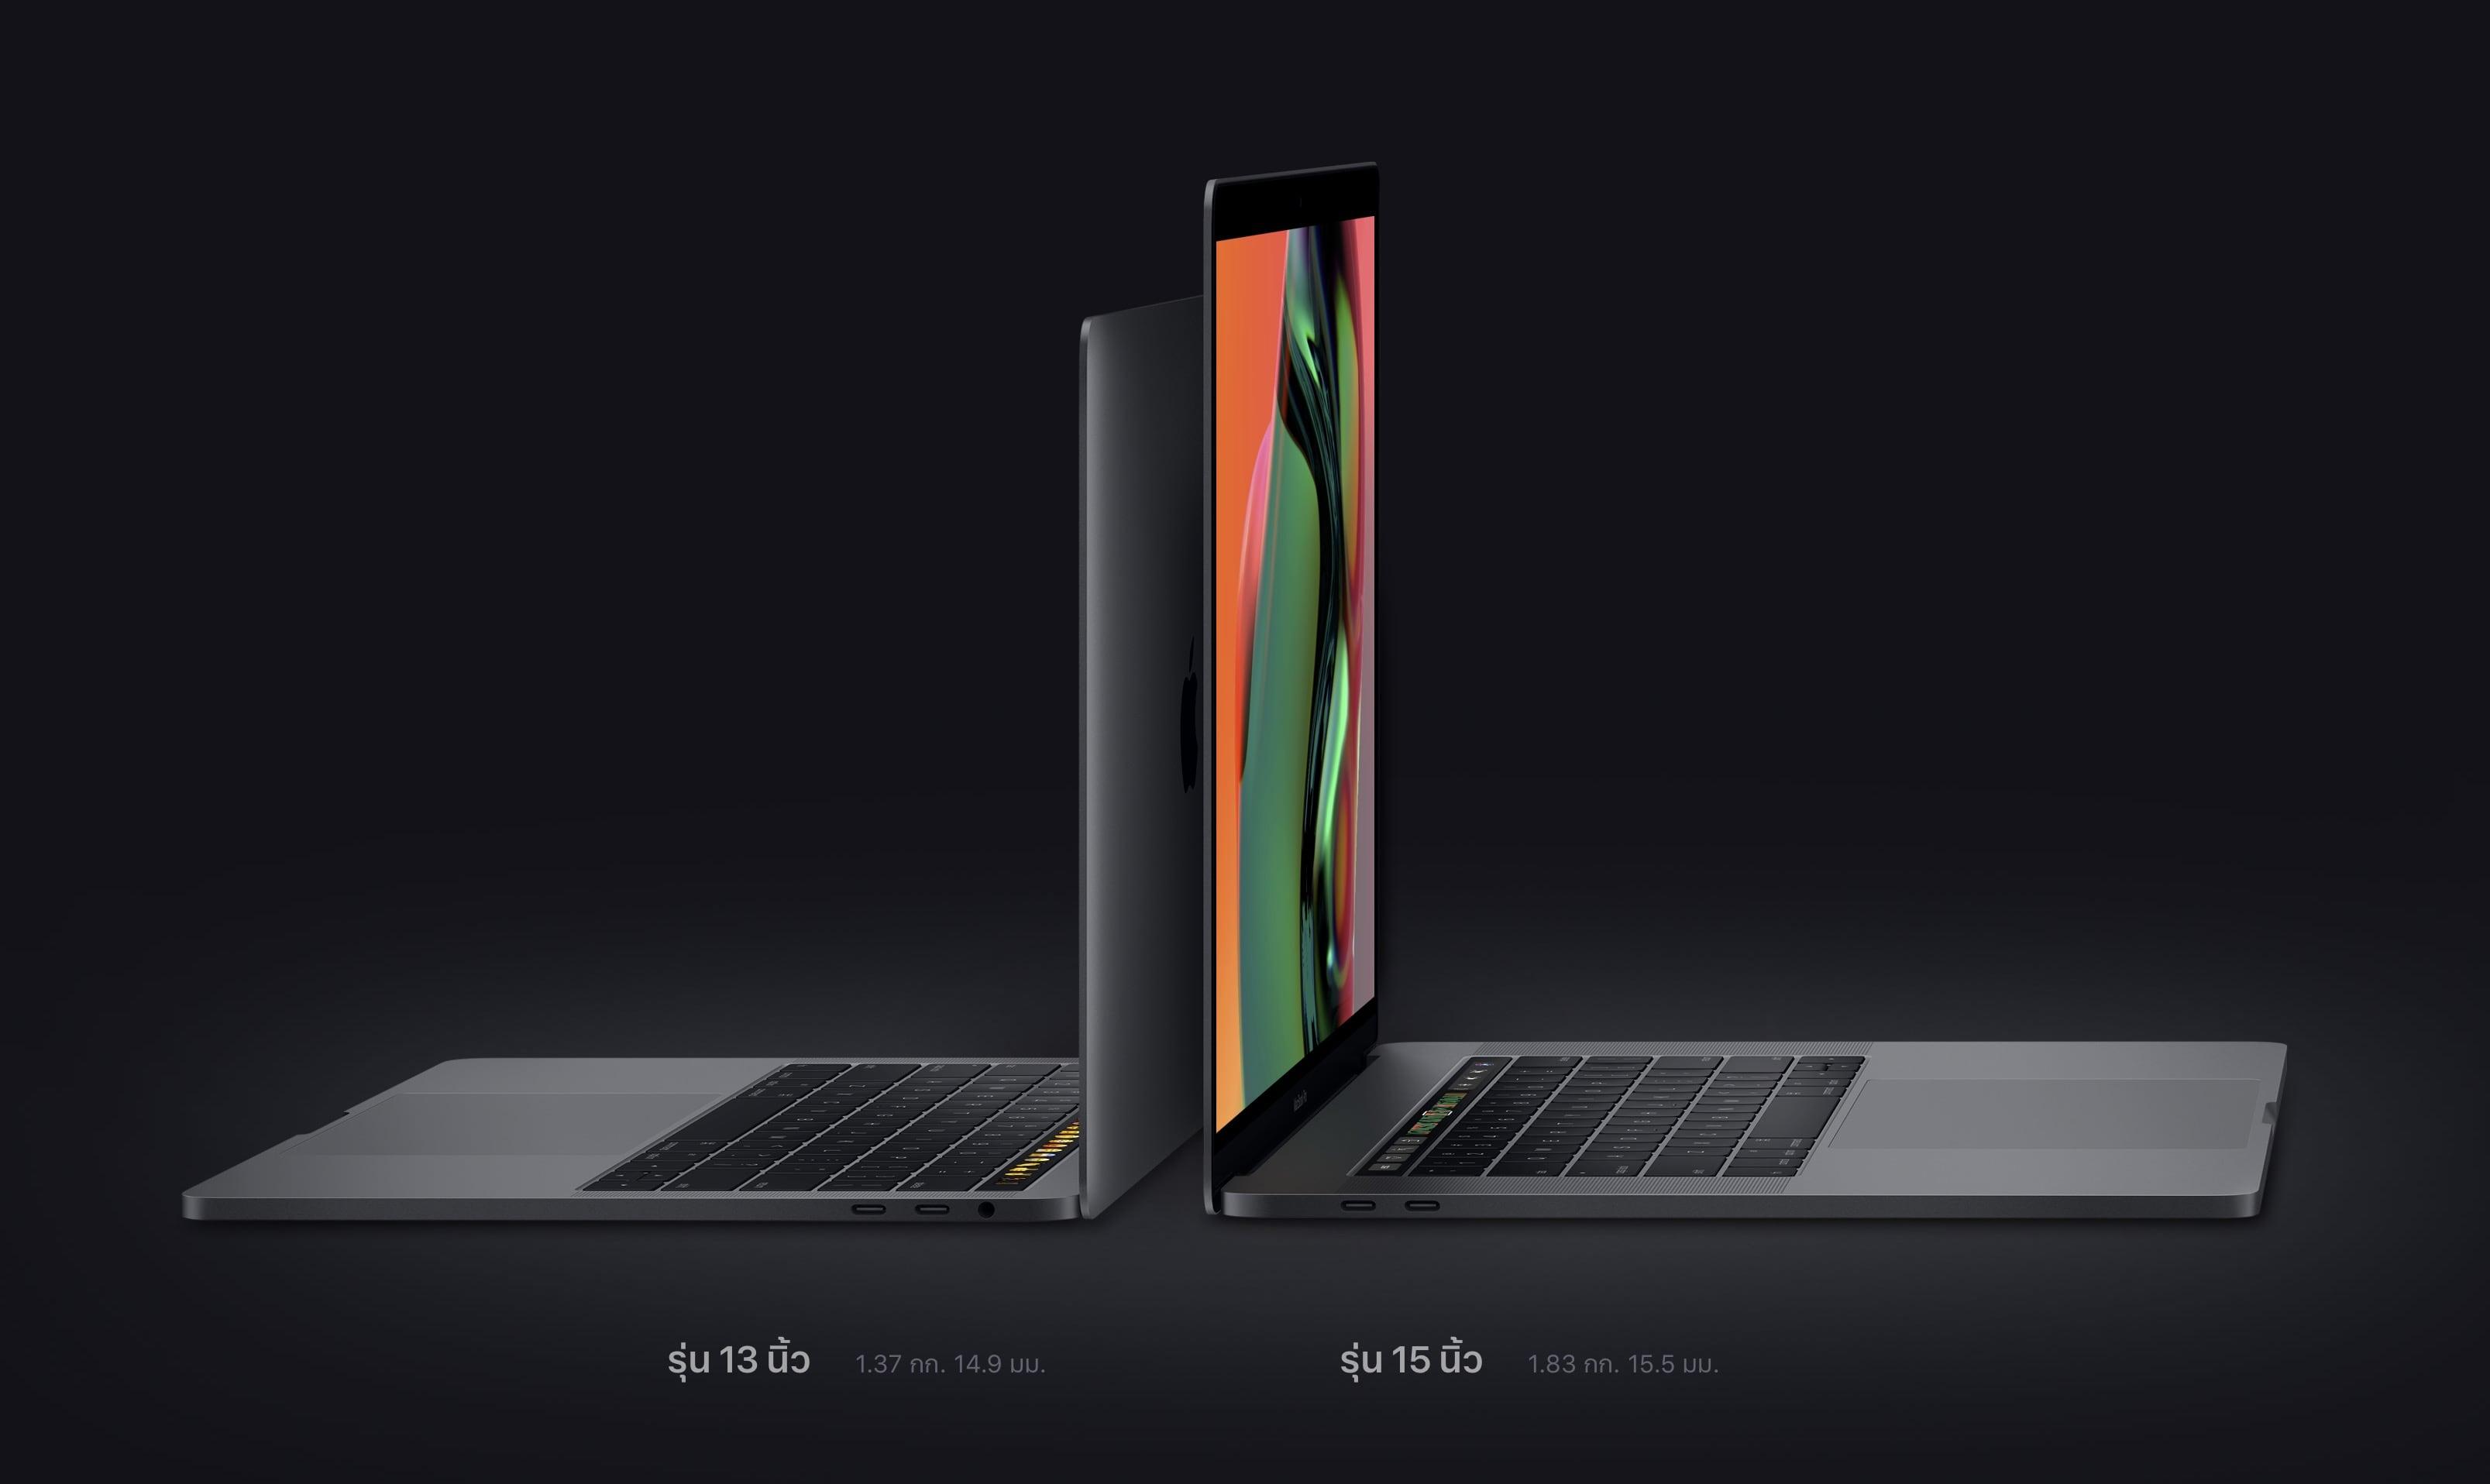 Macbook Pro 13 Vs Macbook Pro 15